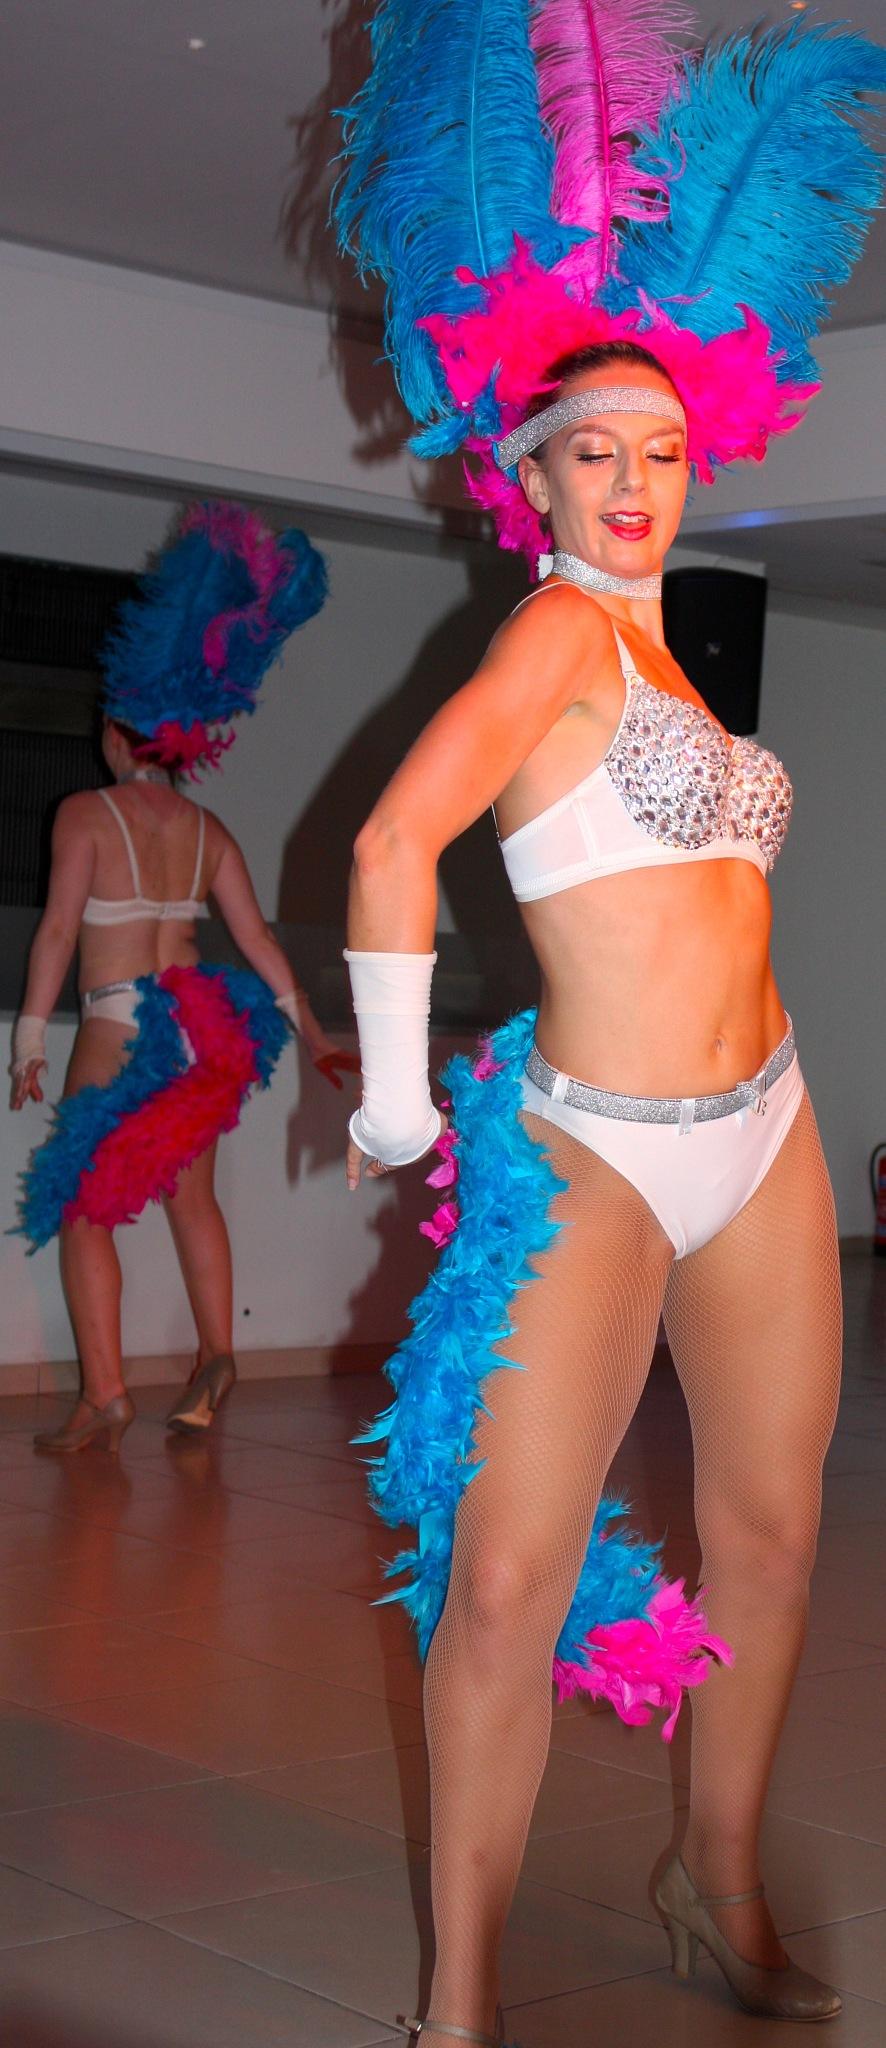 Dancer by Ddolfelin